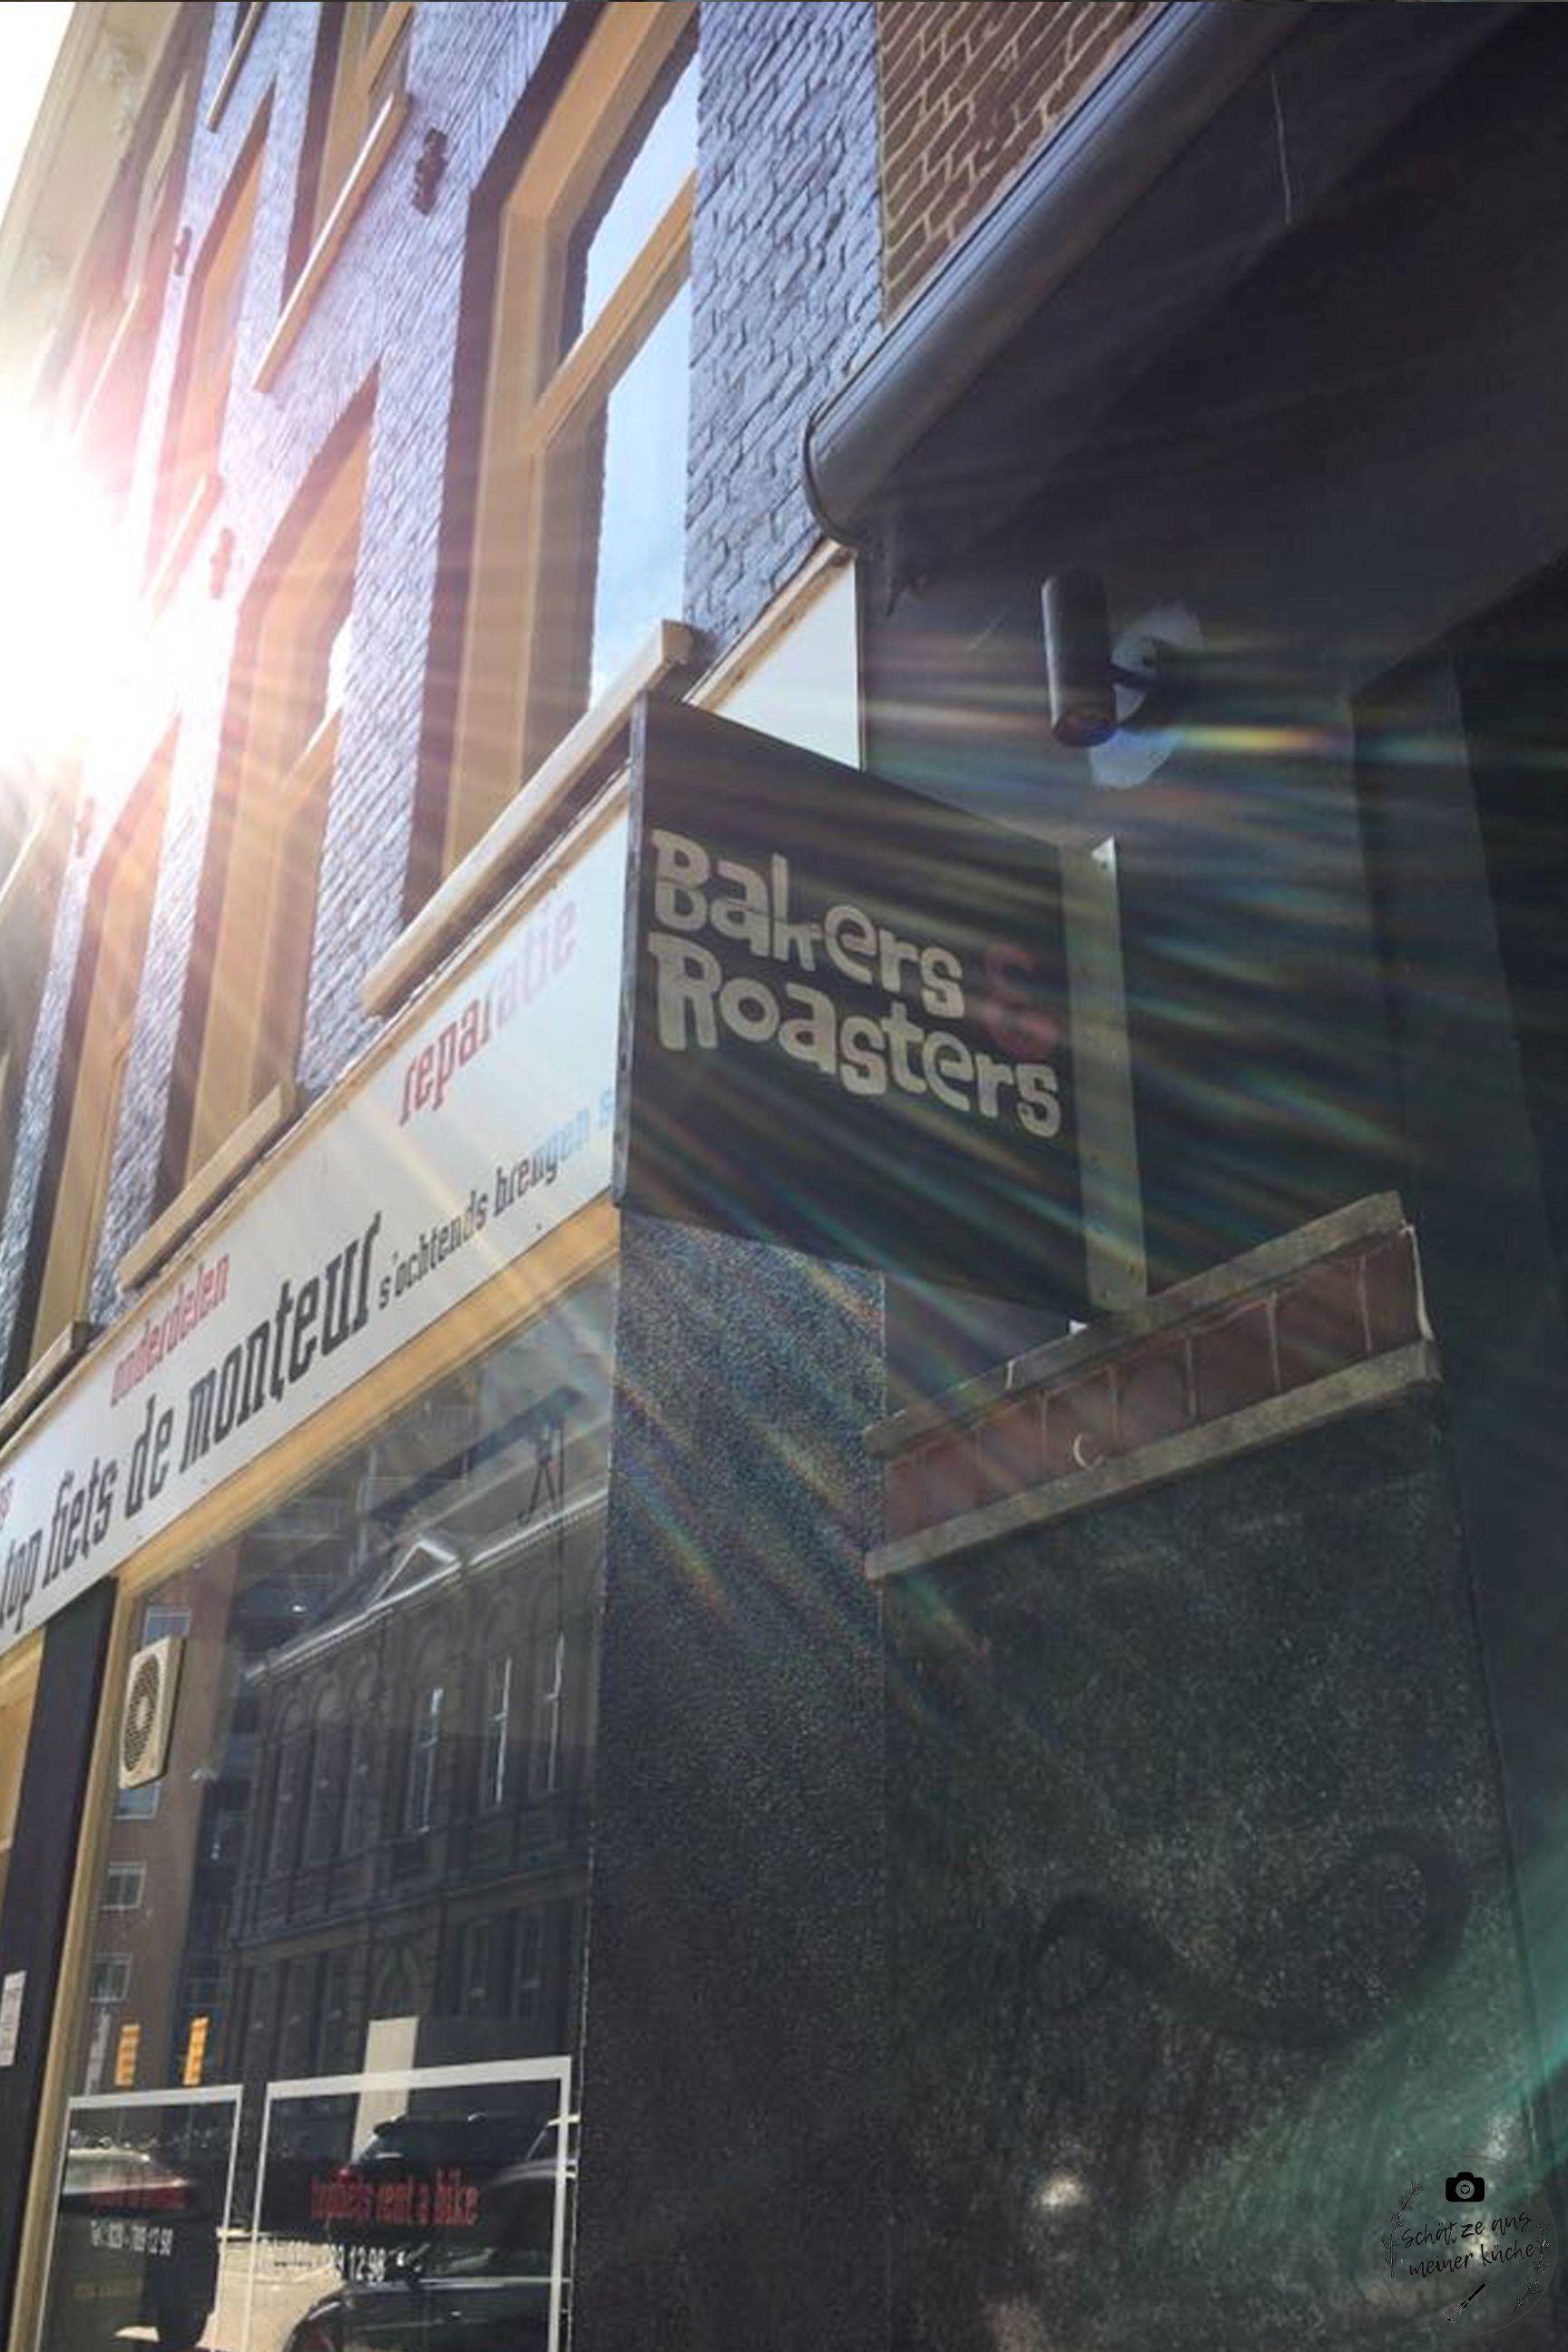 Bakers & Roasters Amsterdam